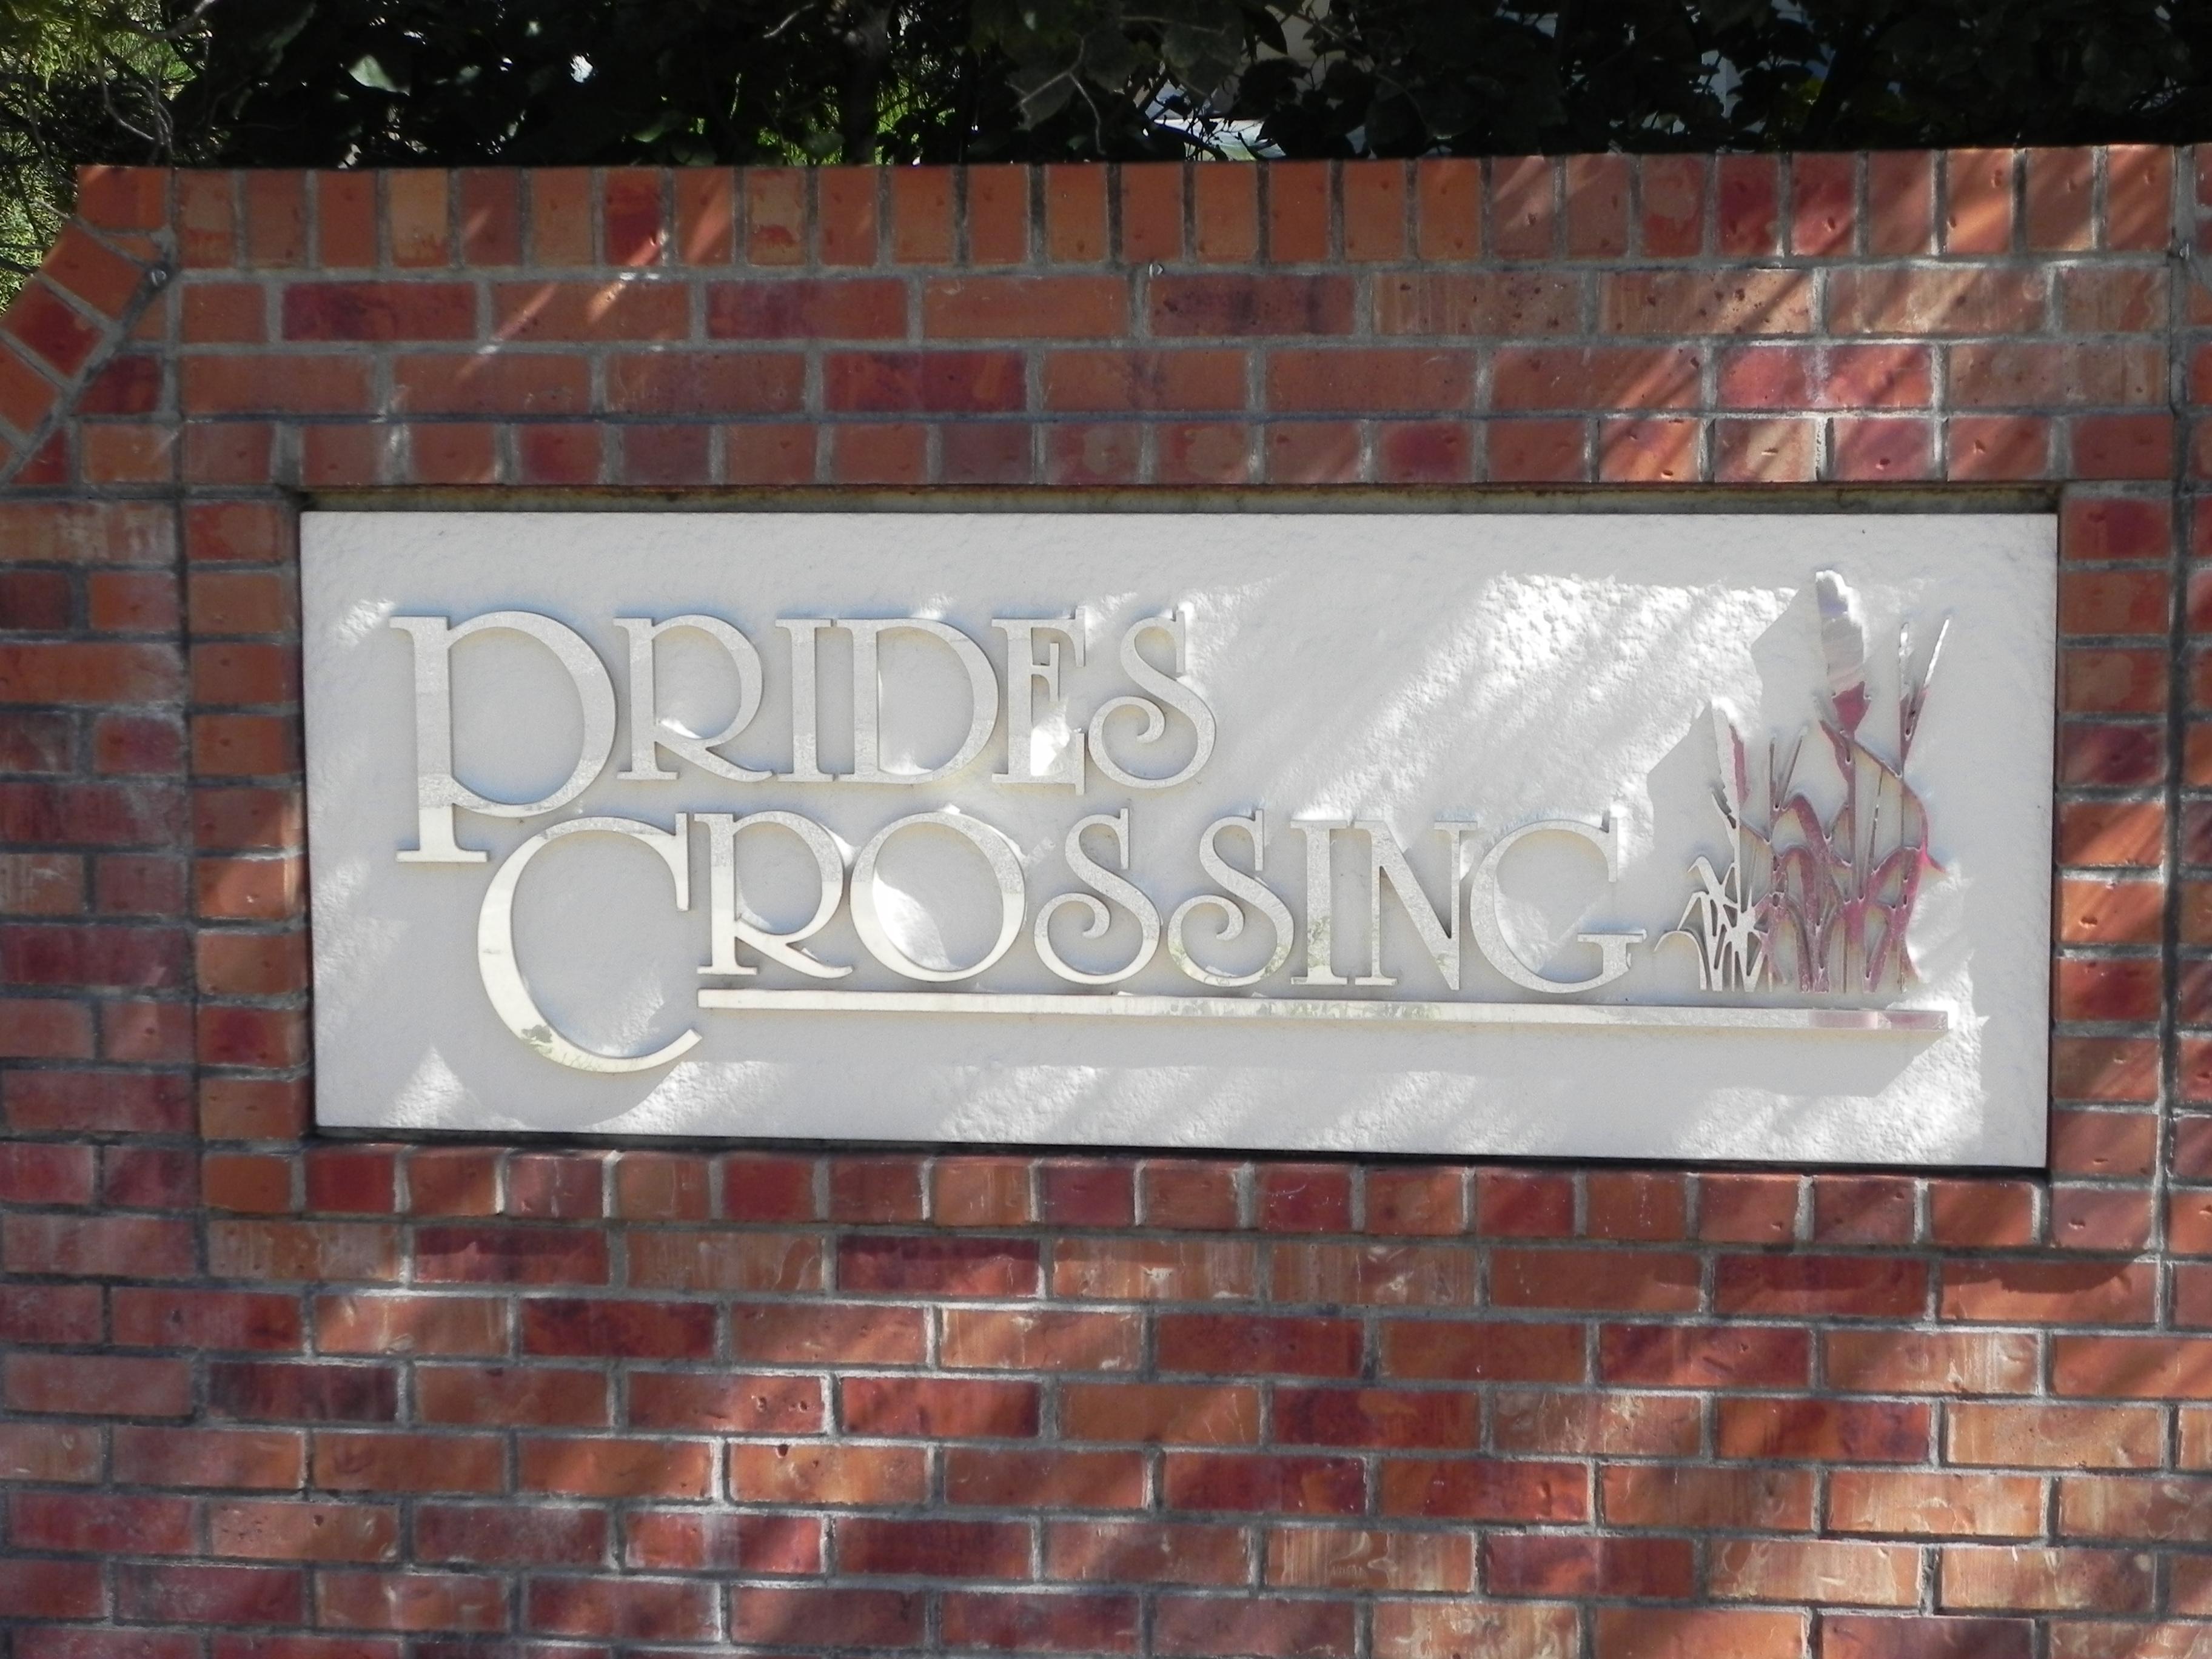 Neighborhood of Pride's Crossing